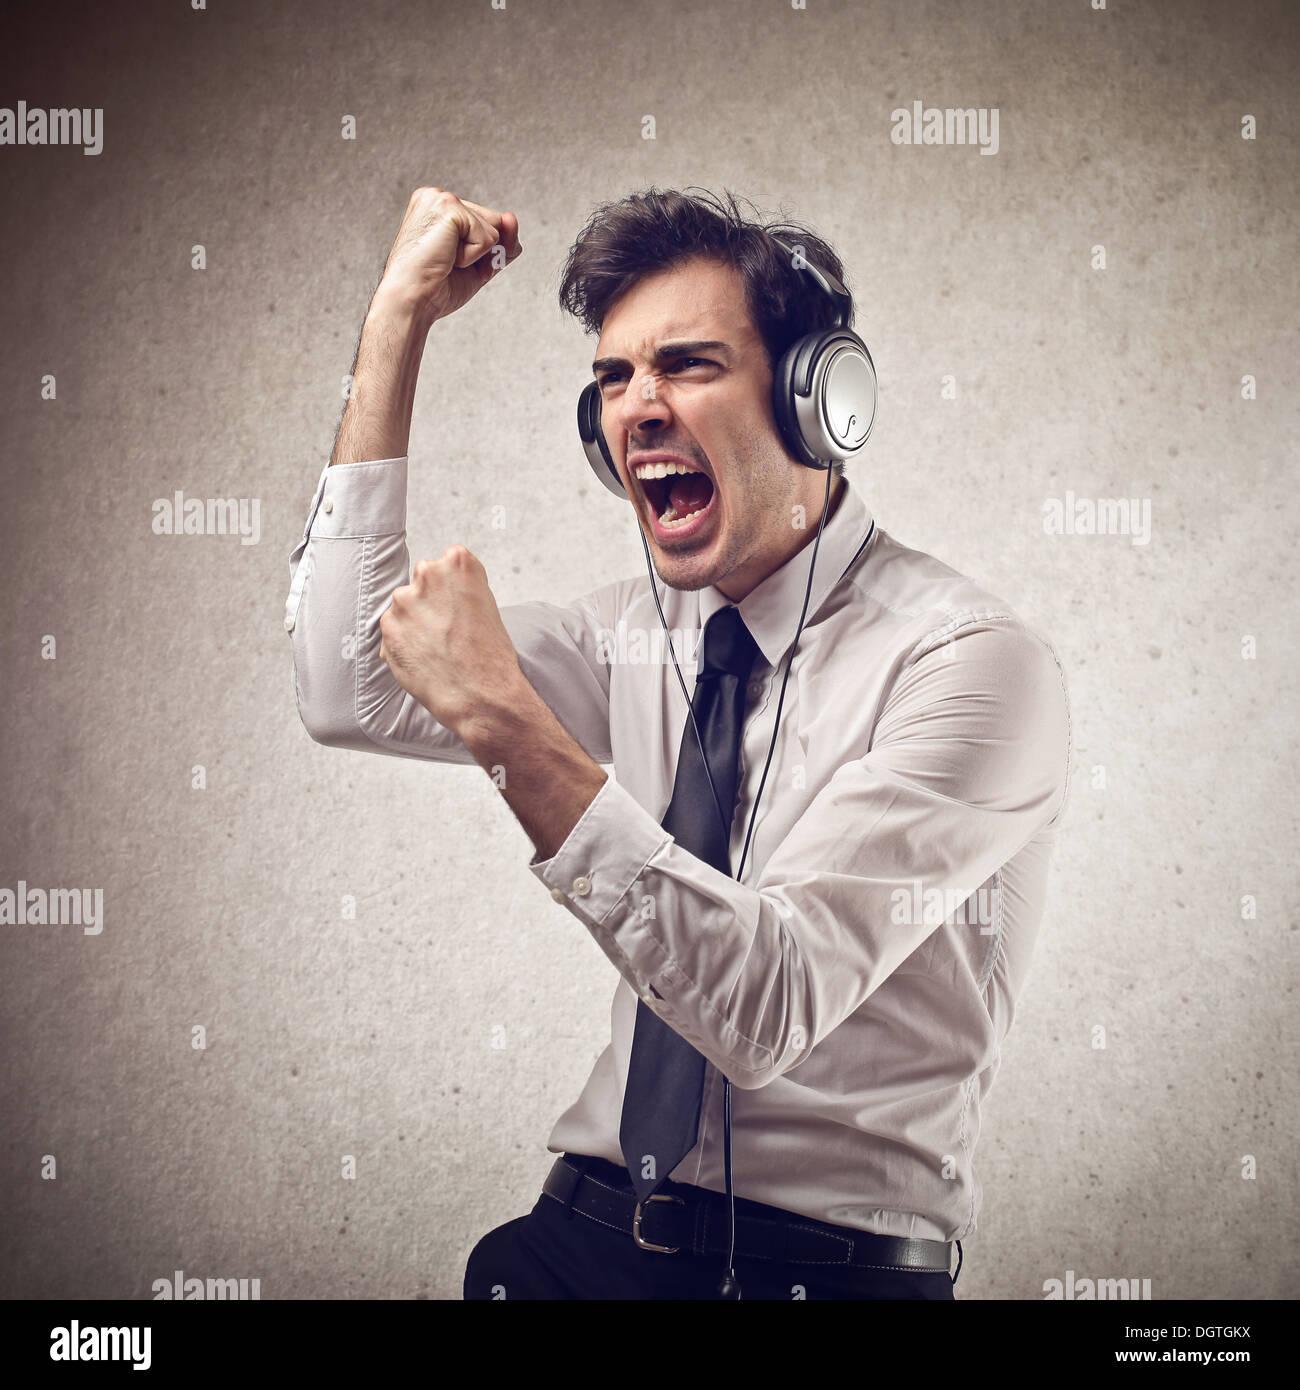 Joven trabajador de oficina bailando mientras se escucha la música con auriculares Imagen De Stock